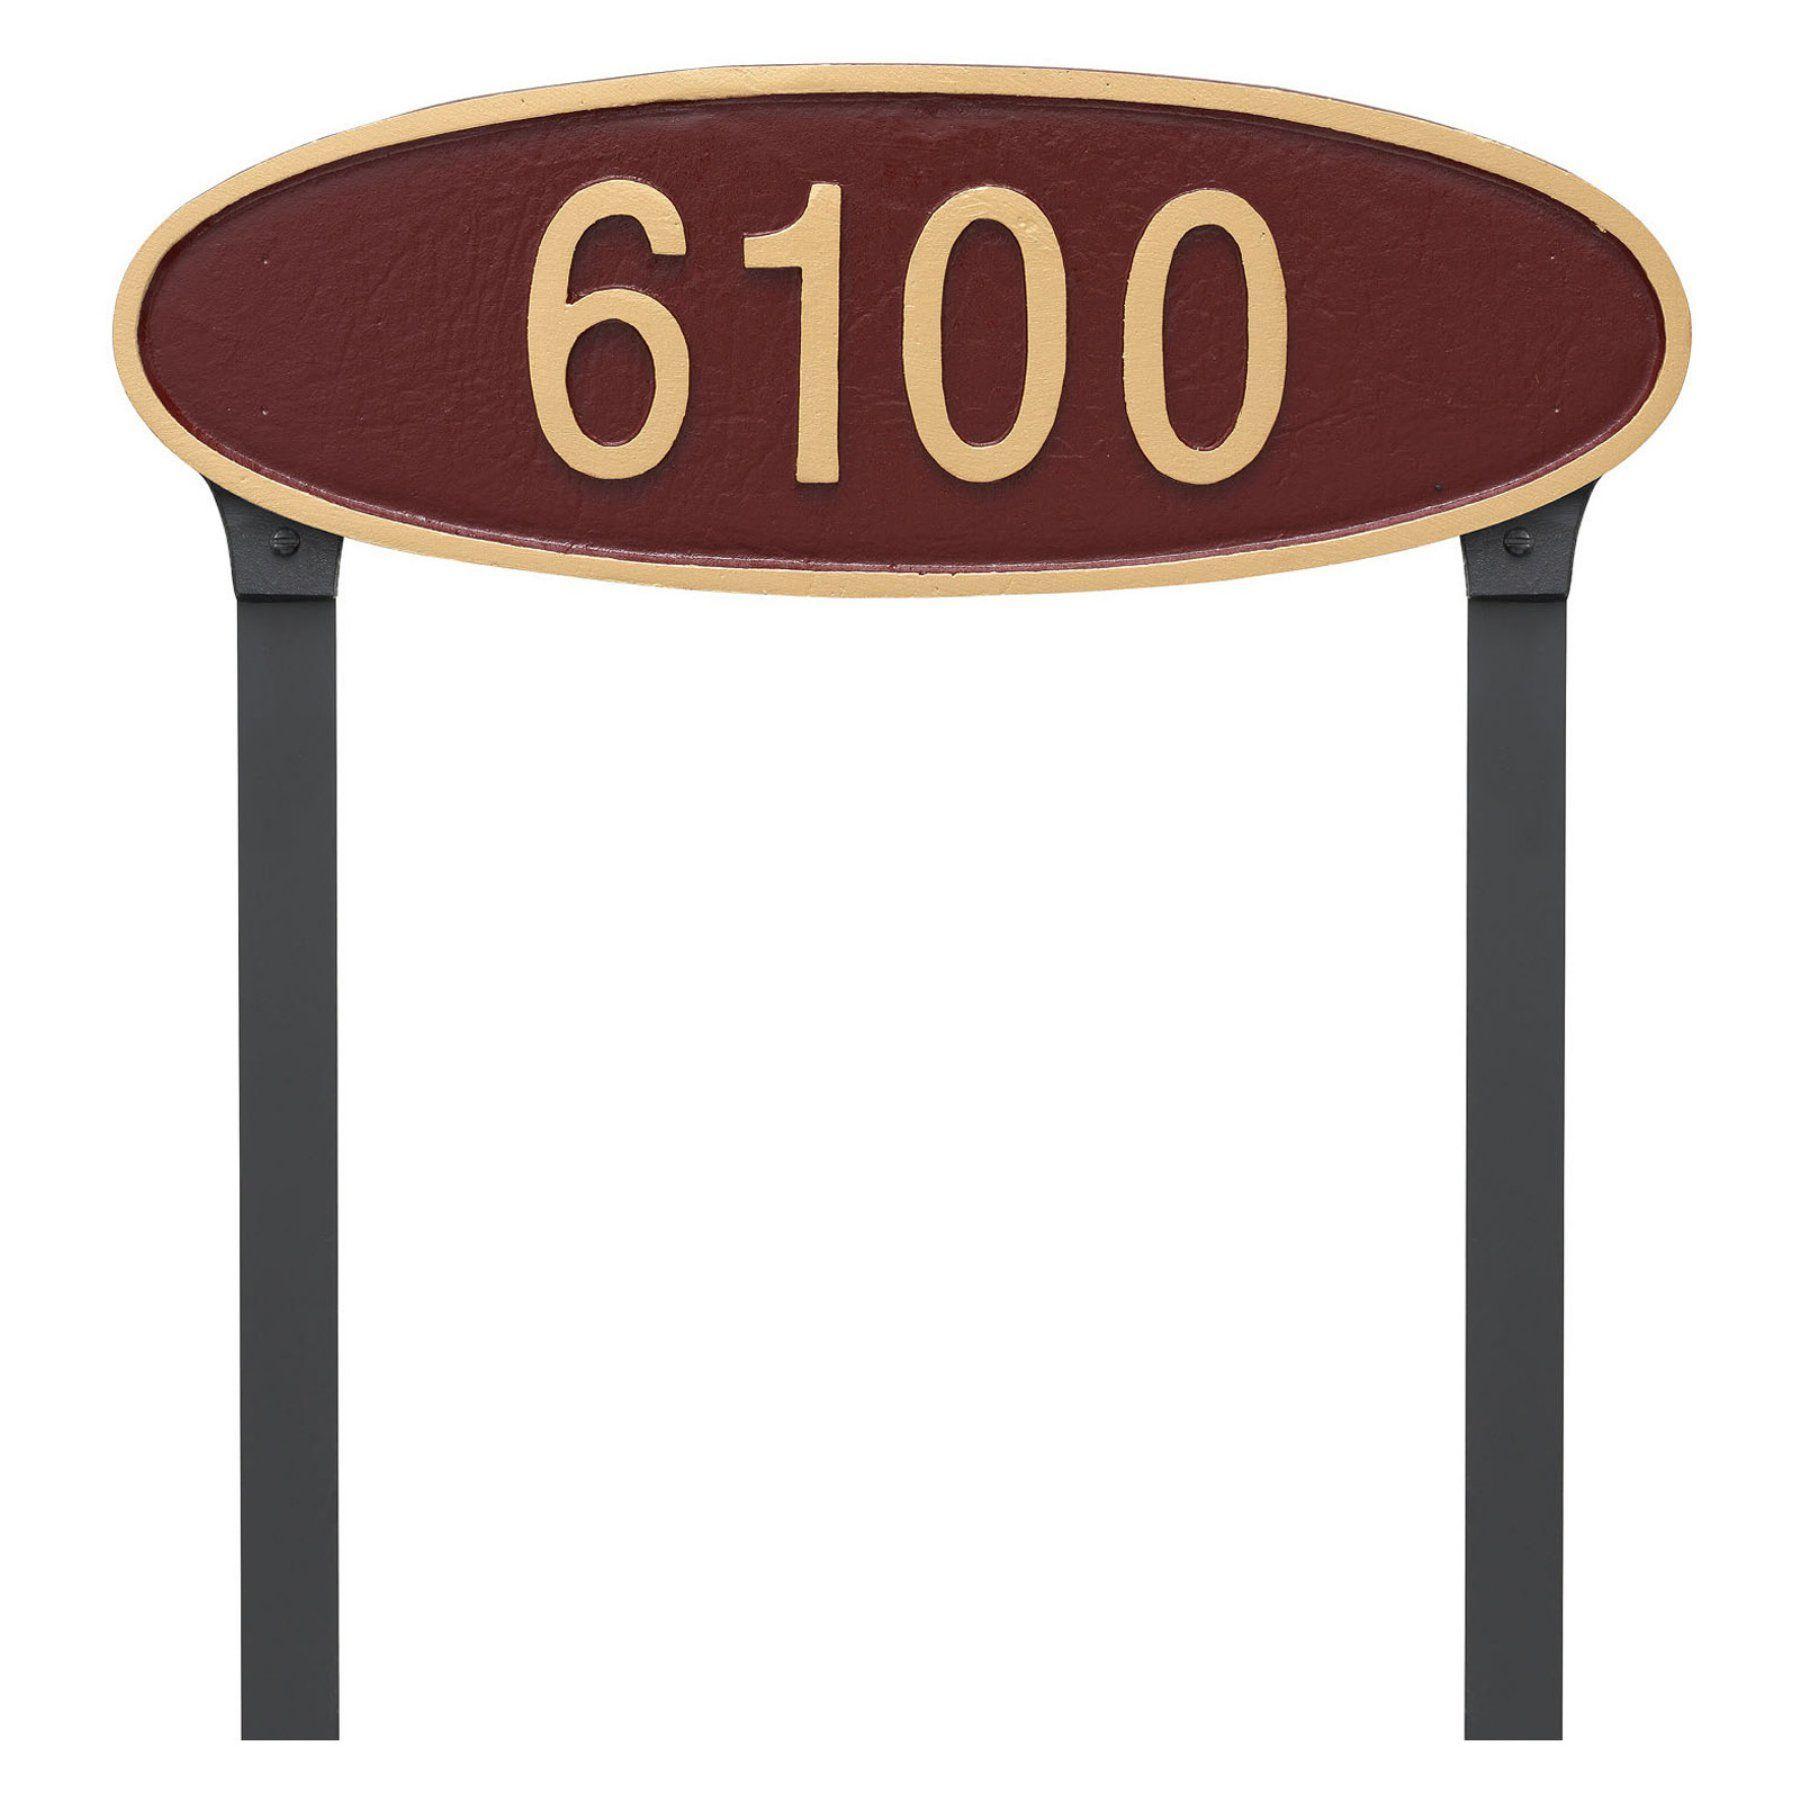 Montague Metal Wilshire Oval Standard Address Sign Lawn Plaque - PCS-0145S1-L-ABG